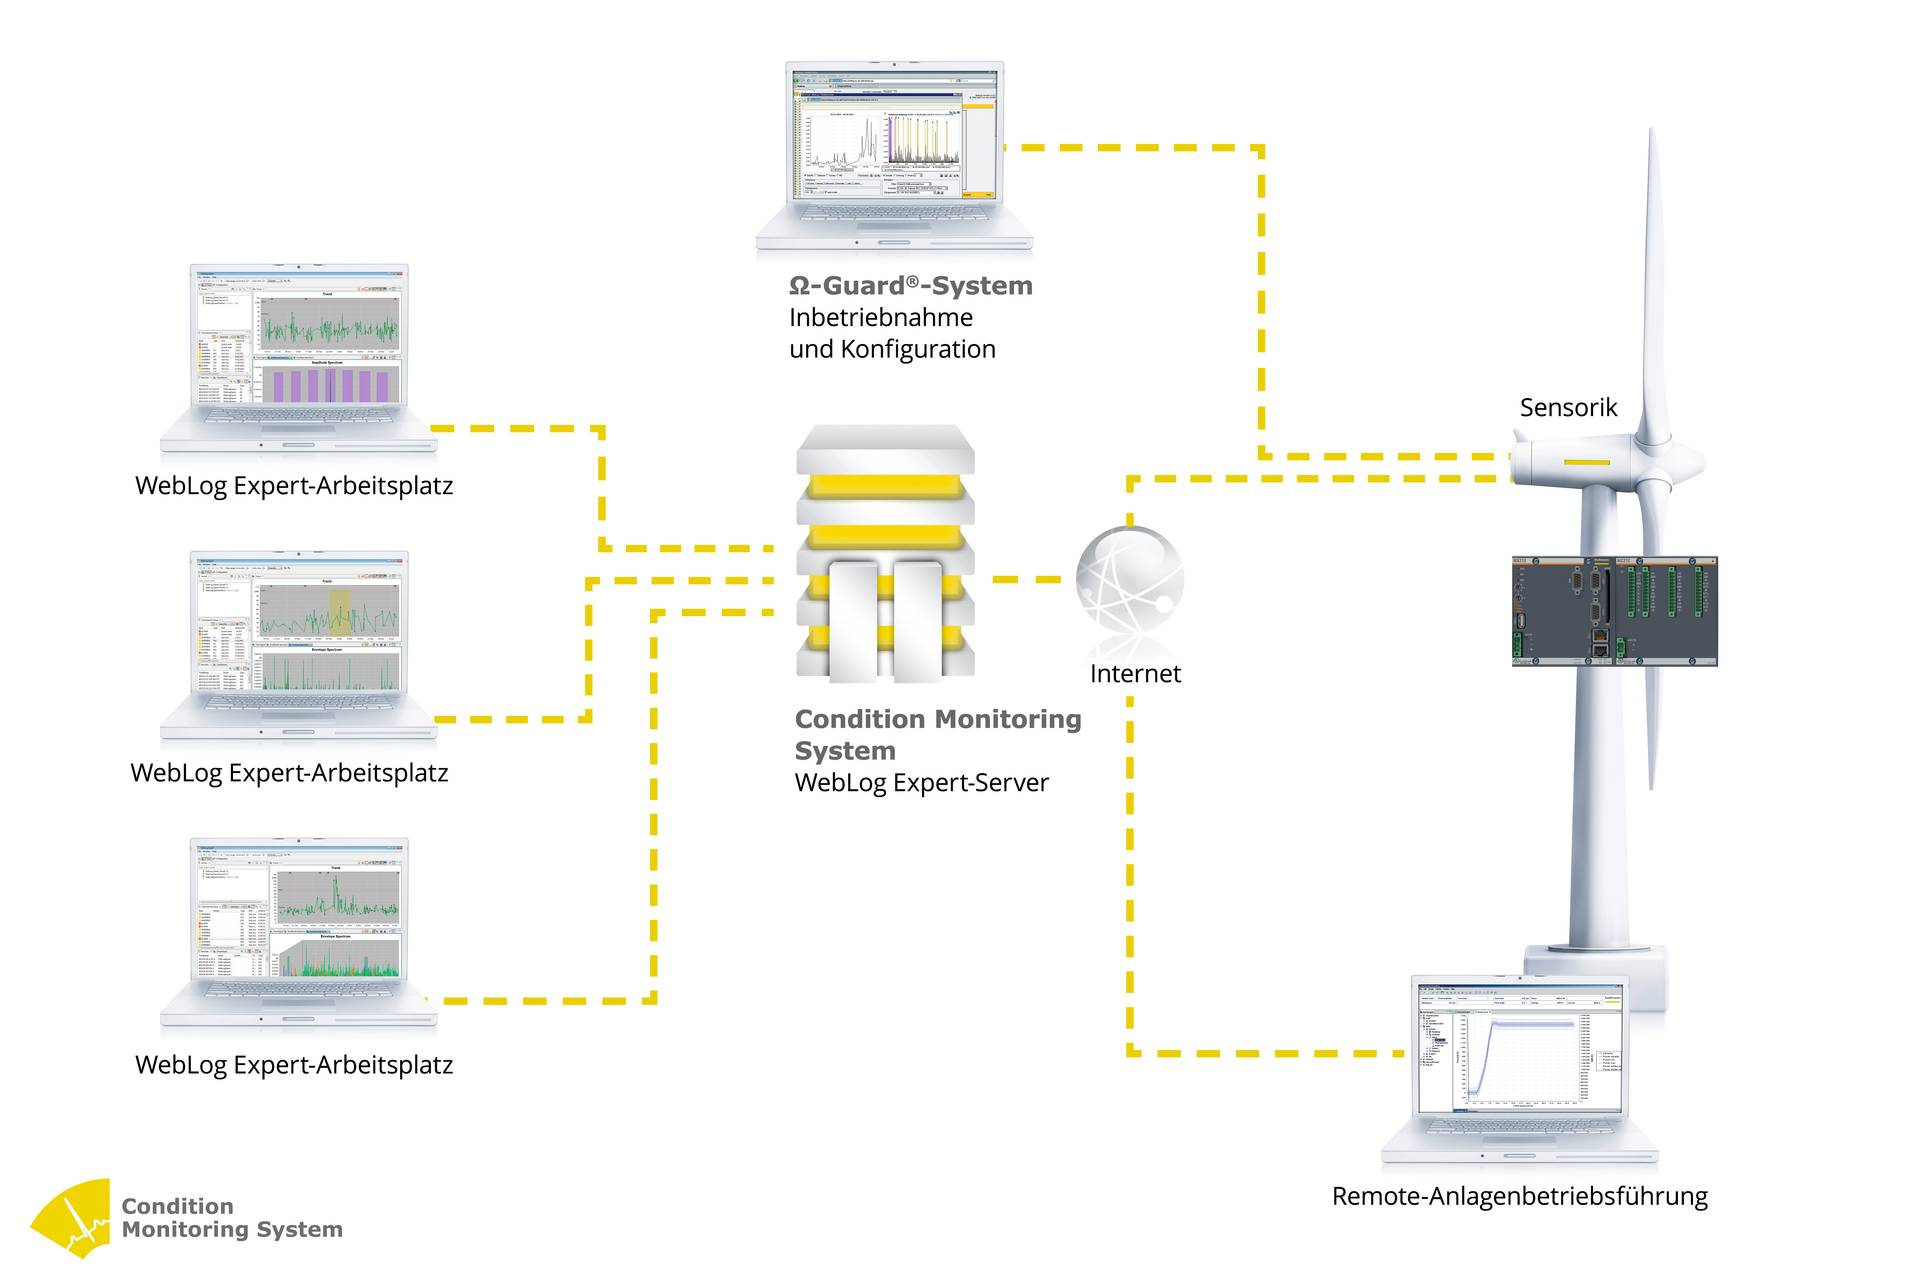 Durch die Einbettung des CMS in das Bachmann-System können weitere Überwachungsfunktionen, wie beispielsweise die aktuelle Leistung oder der Betriebszustand der Windenergieanlage, ermittelt werden.